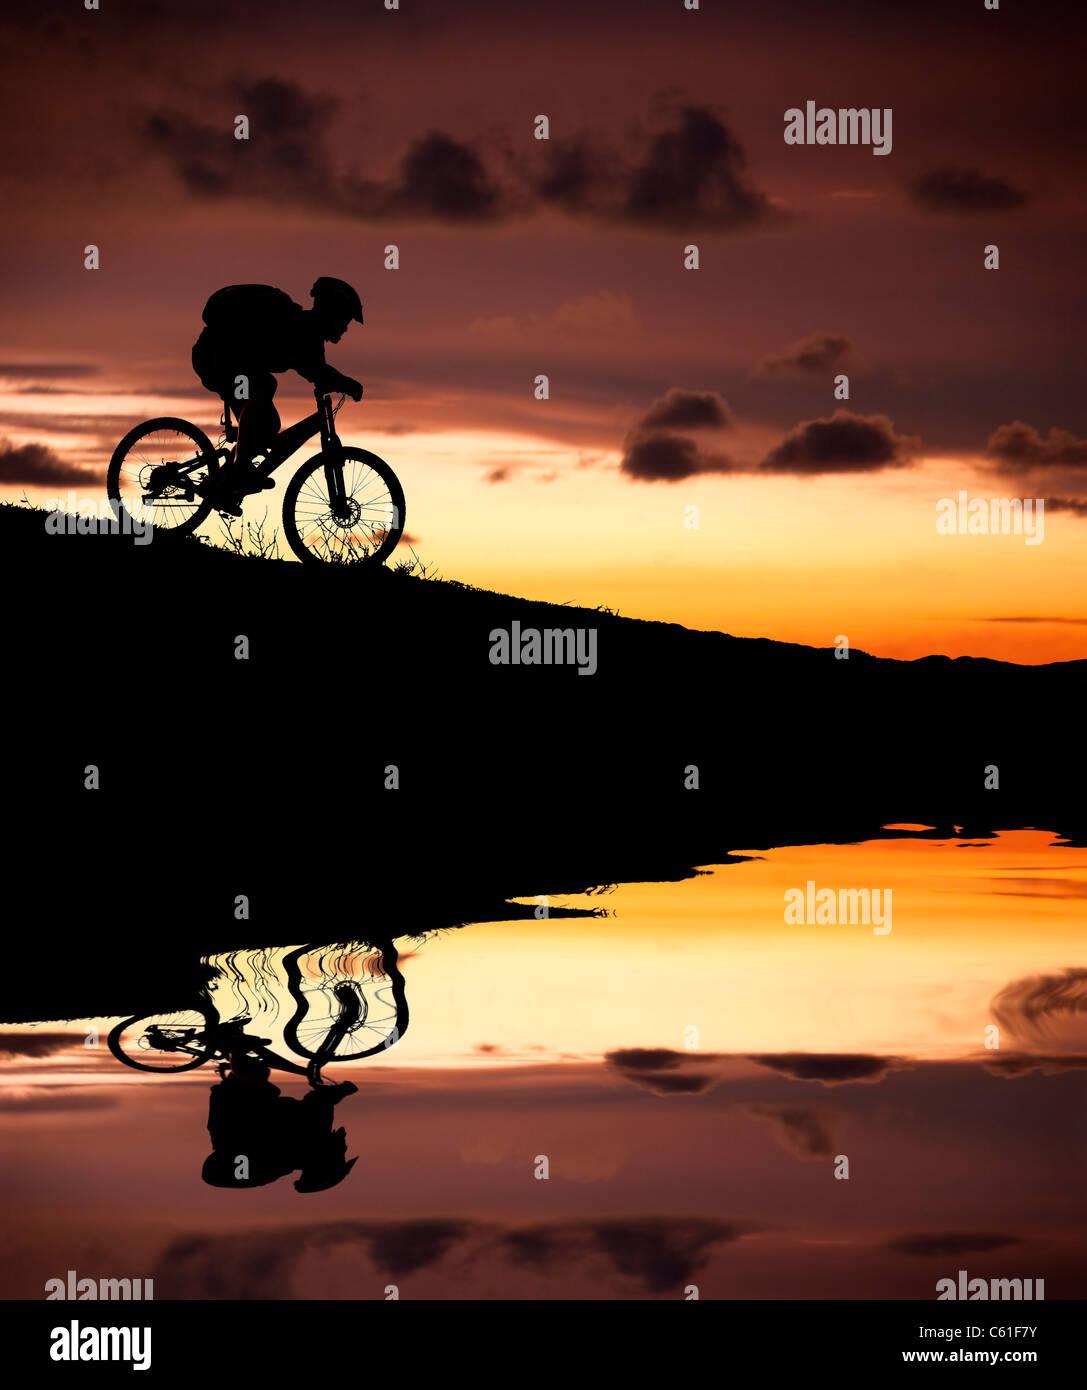 Silhouette der Mountainbiker mit Reflexion und Sonnenuntergang Stockbild